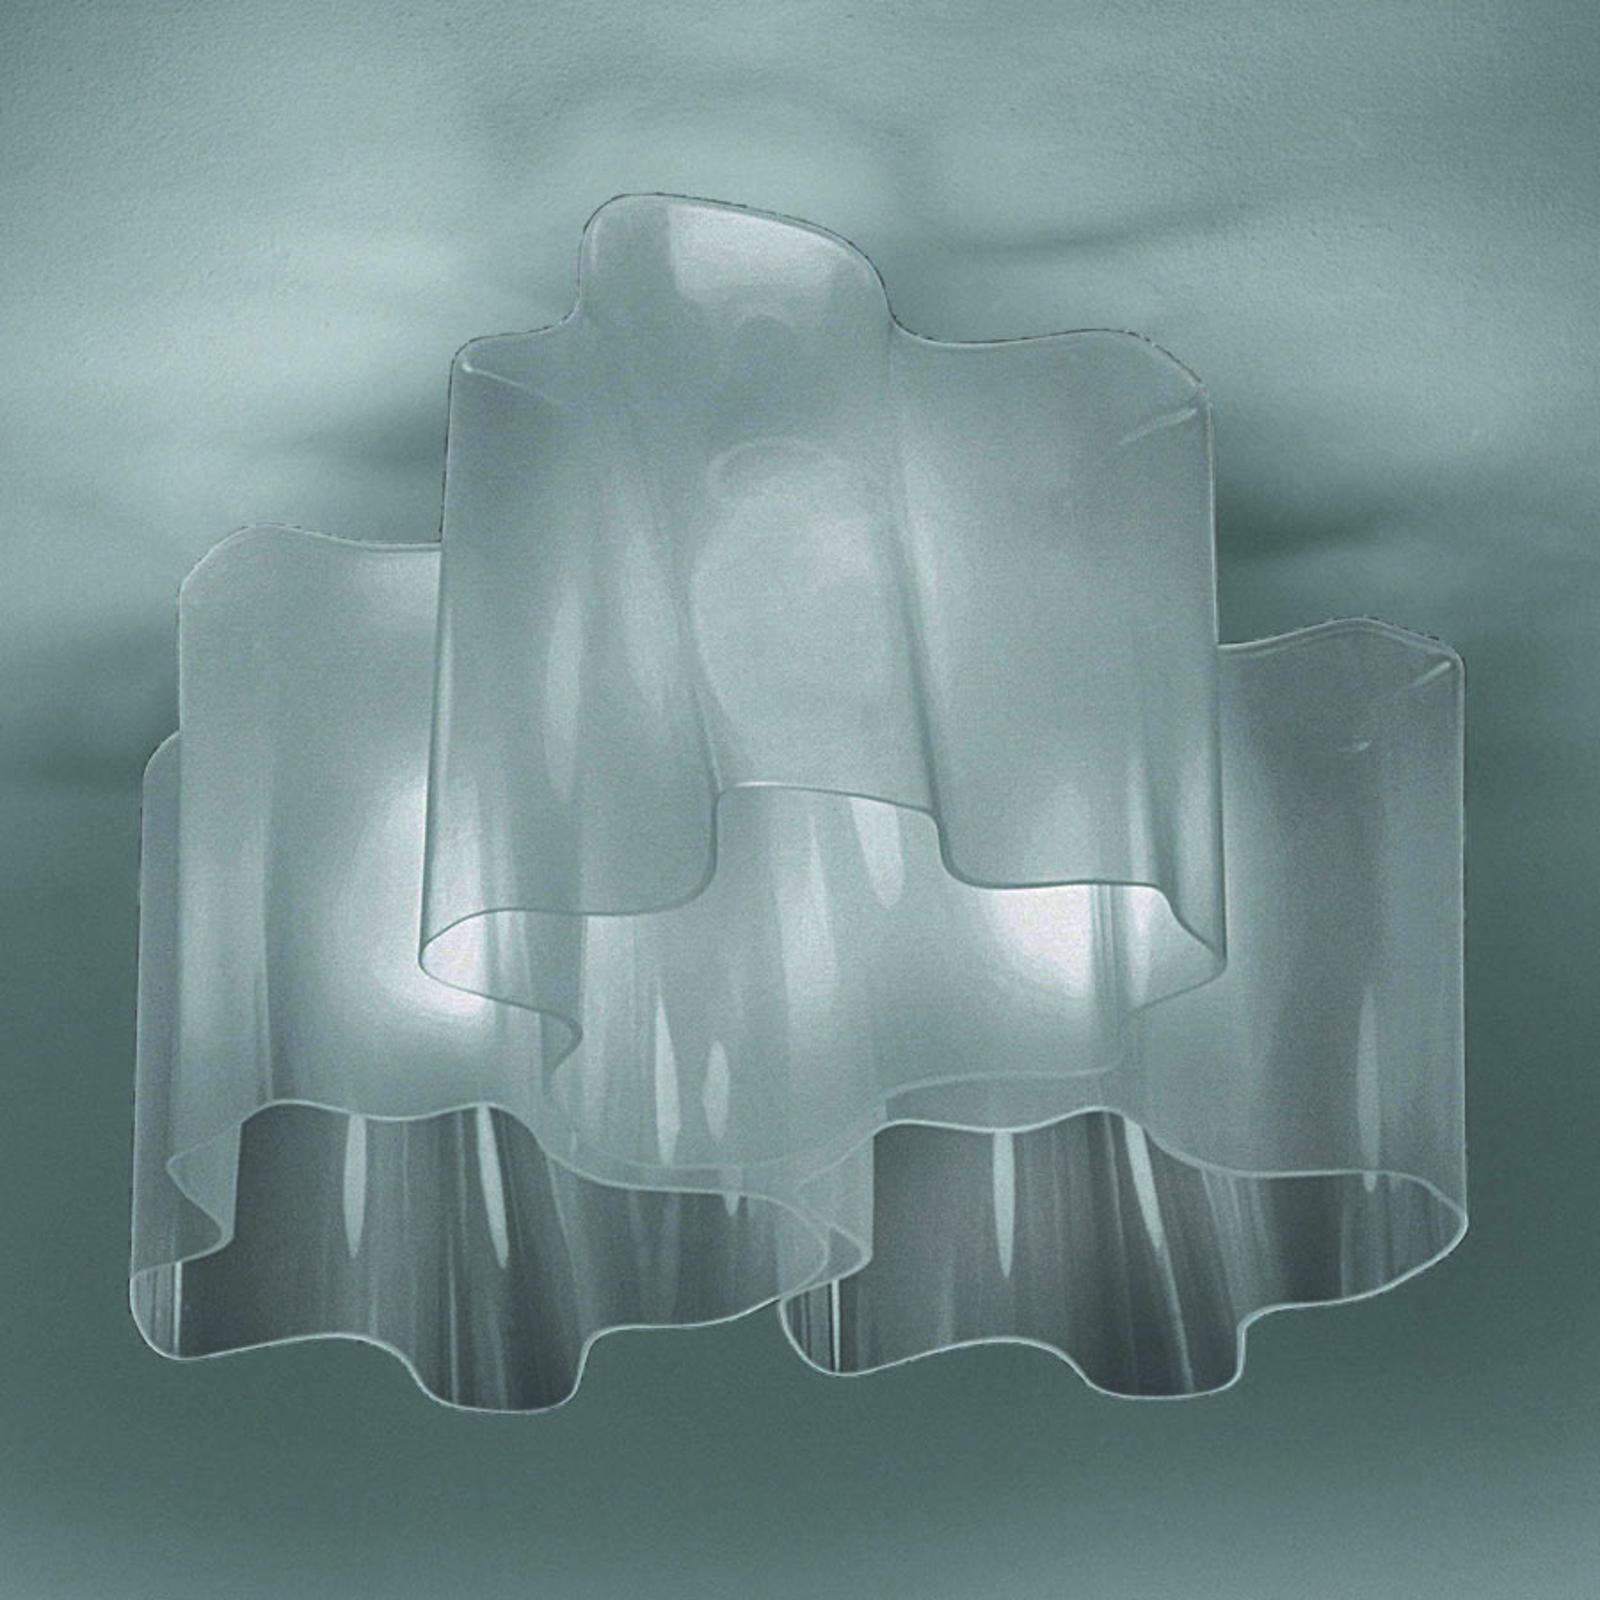 Artemide Logico taklampe 3 lk. 120° 66x66cm grå